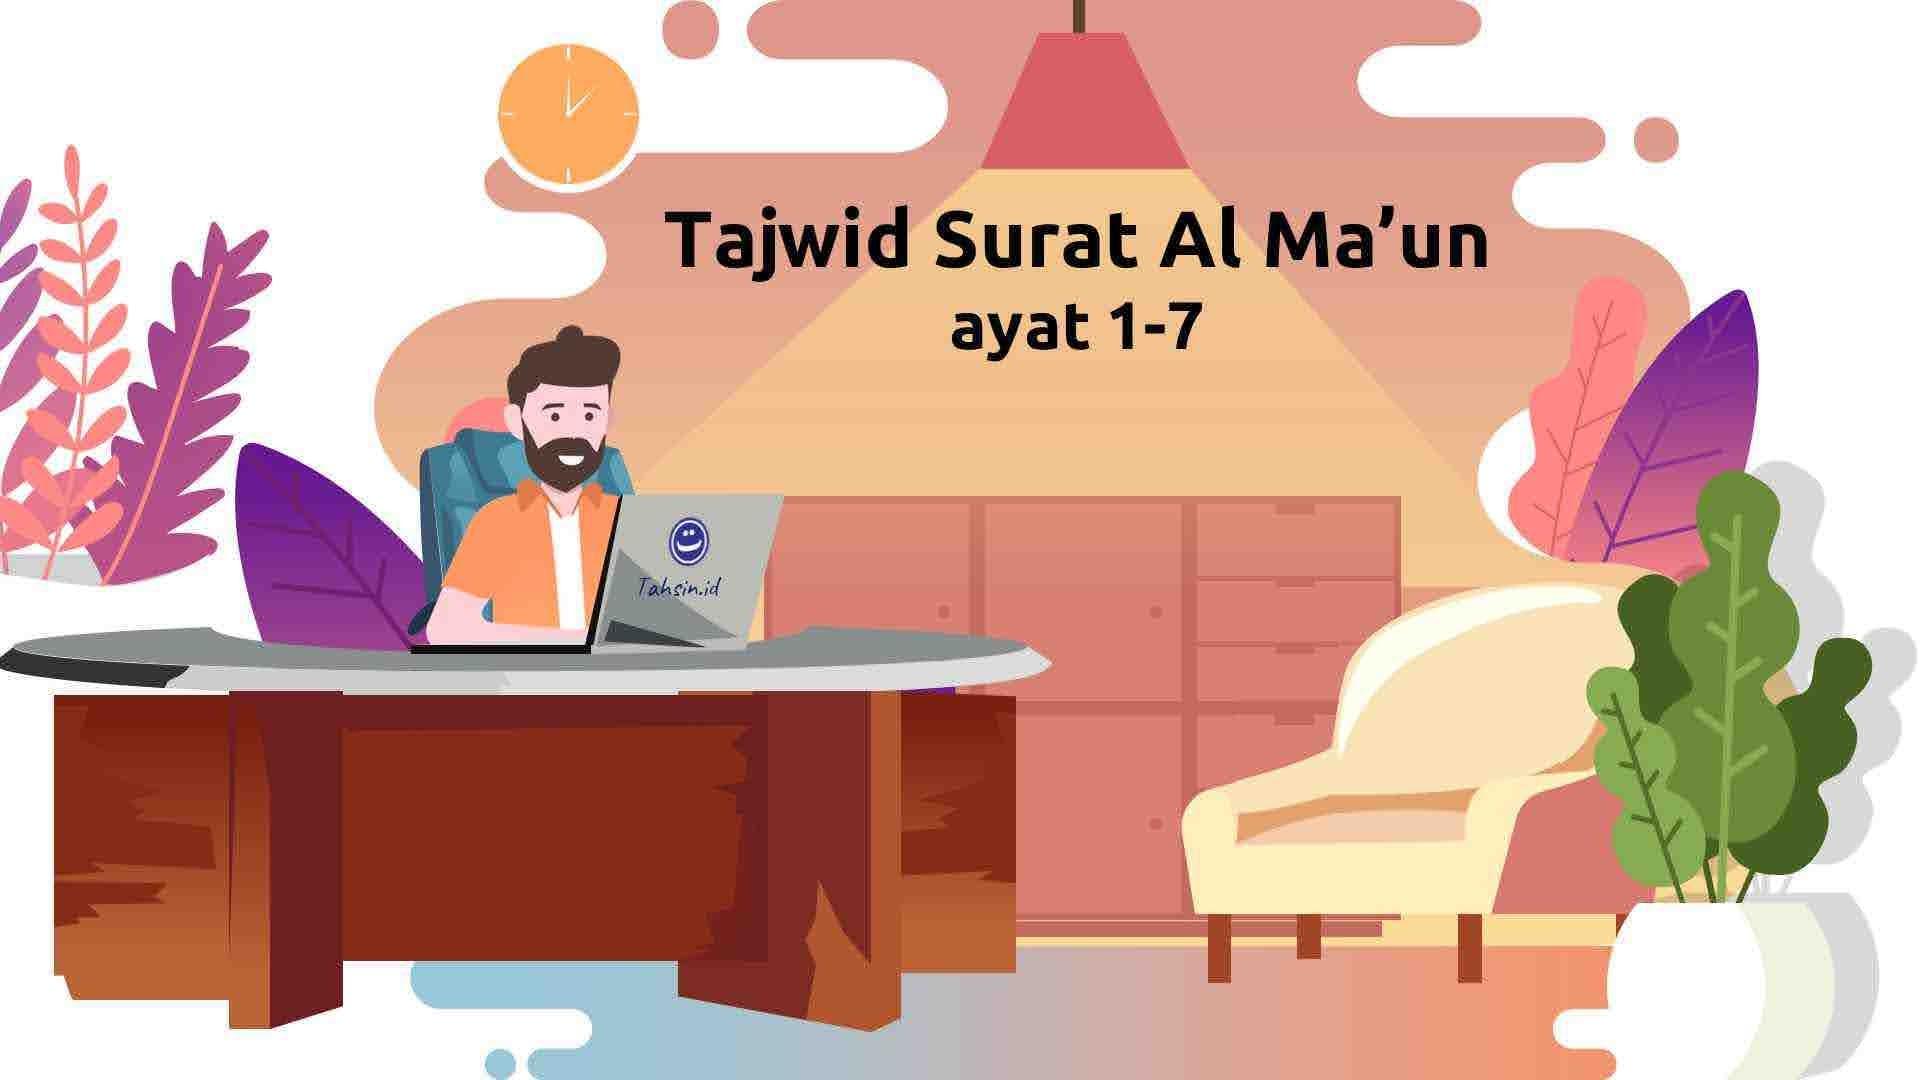 tajwid-surat-al-ma'un